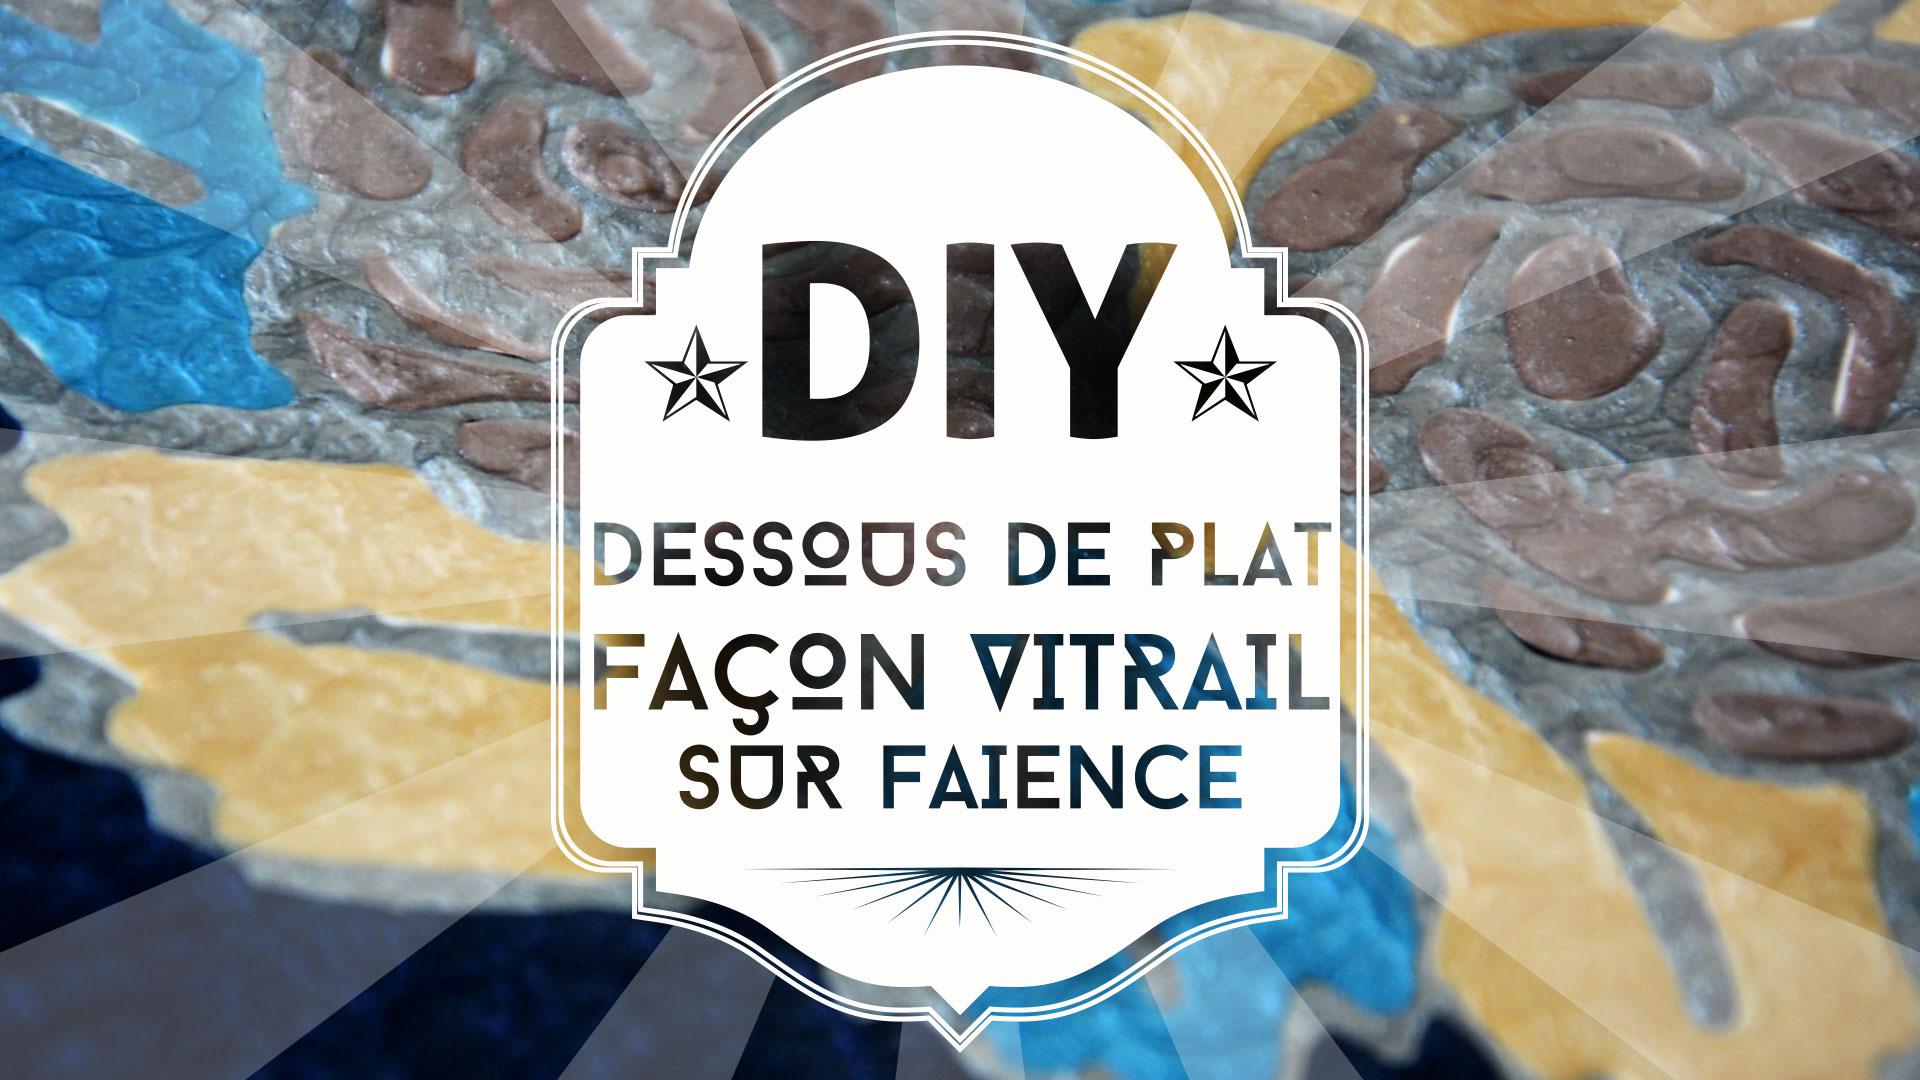 Tuto DIY : un dessous de plat peint façon vitrail